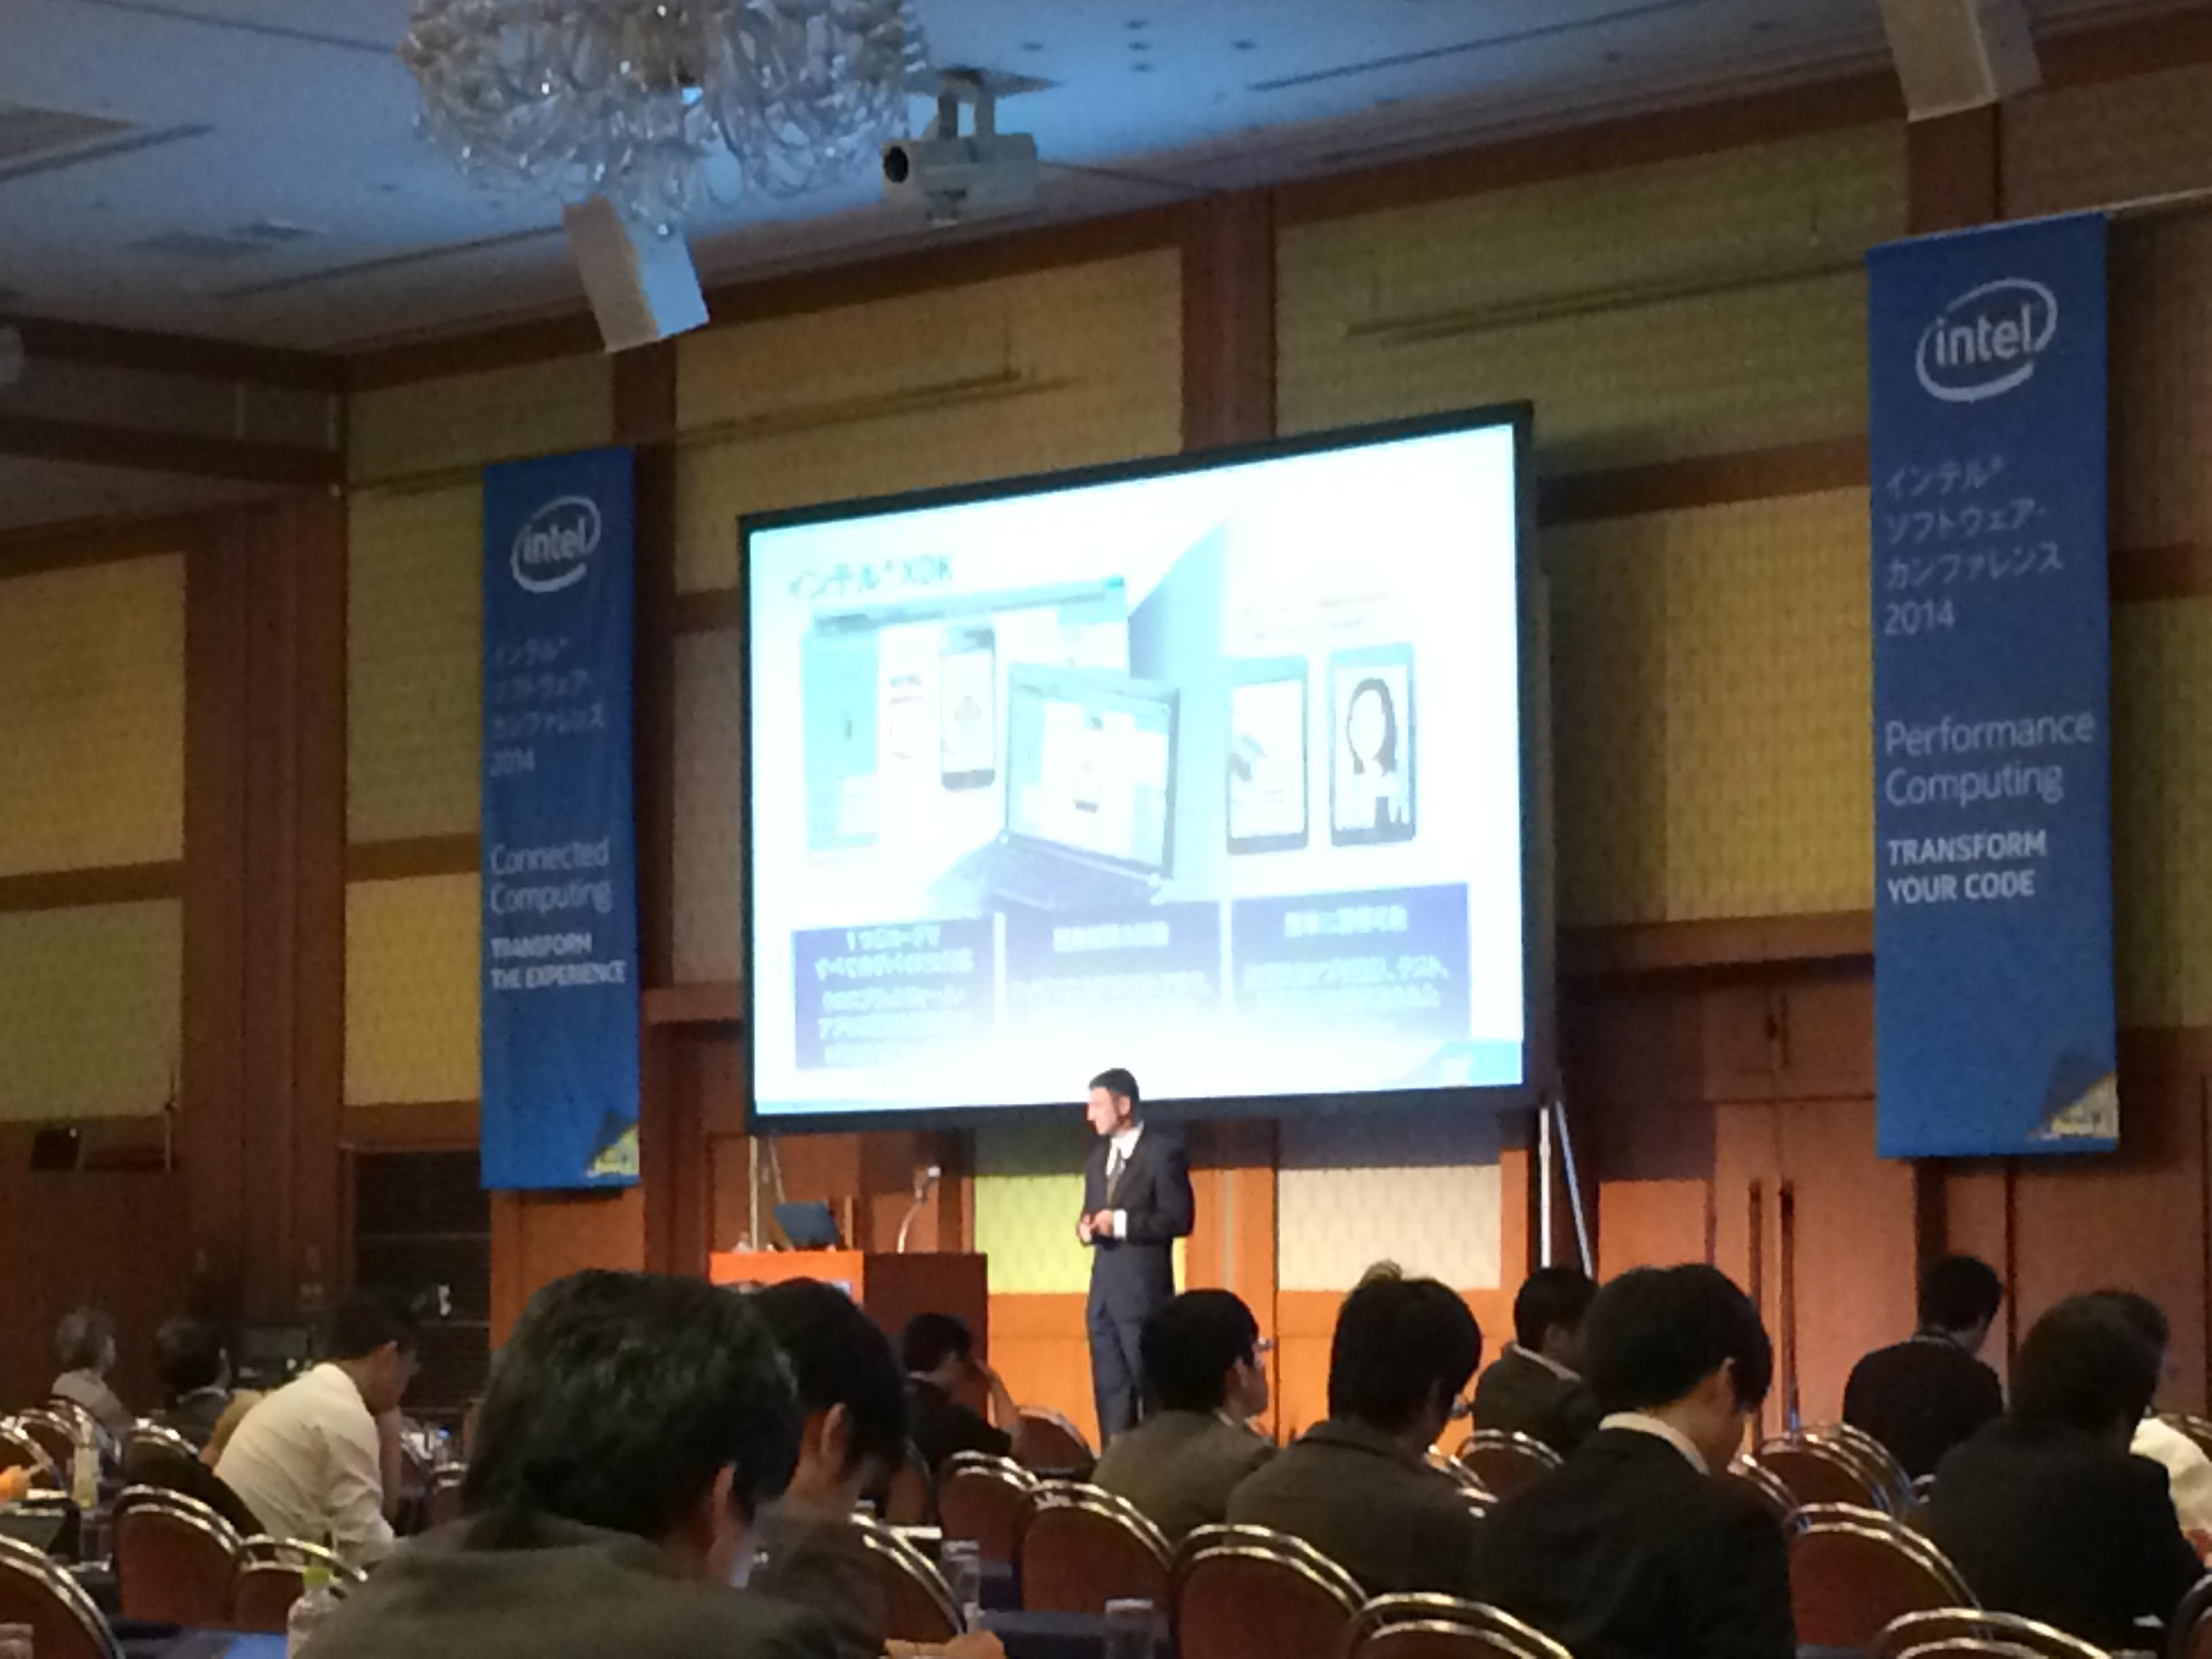 インテル® ソフトウェア・カンファレンス東京 2014 に行ってきました!